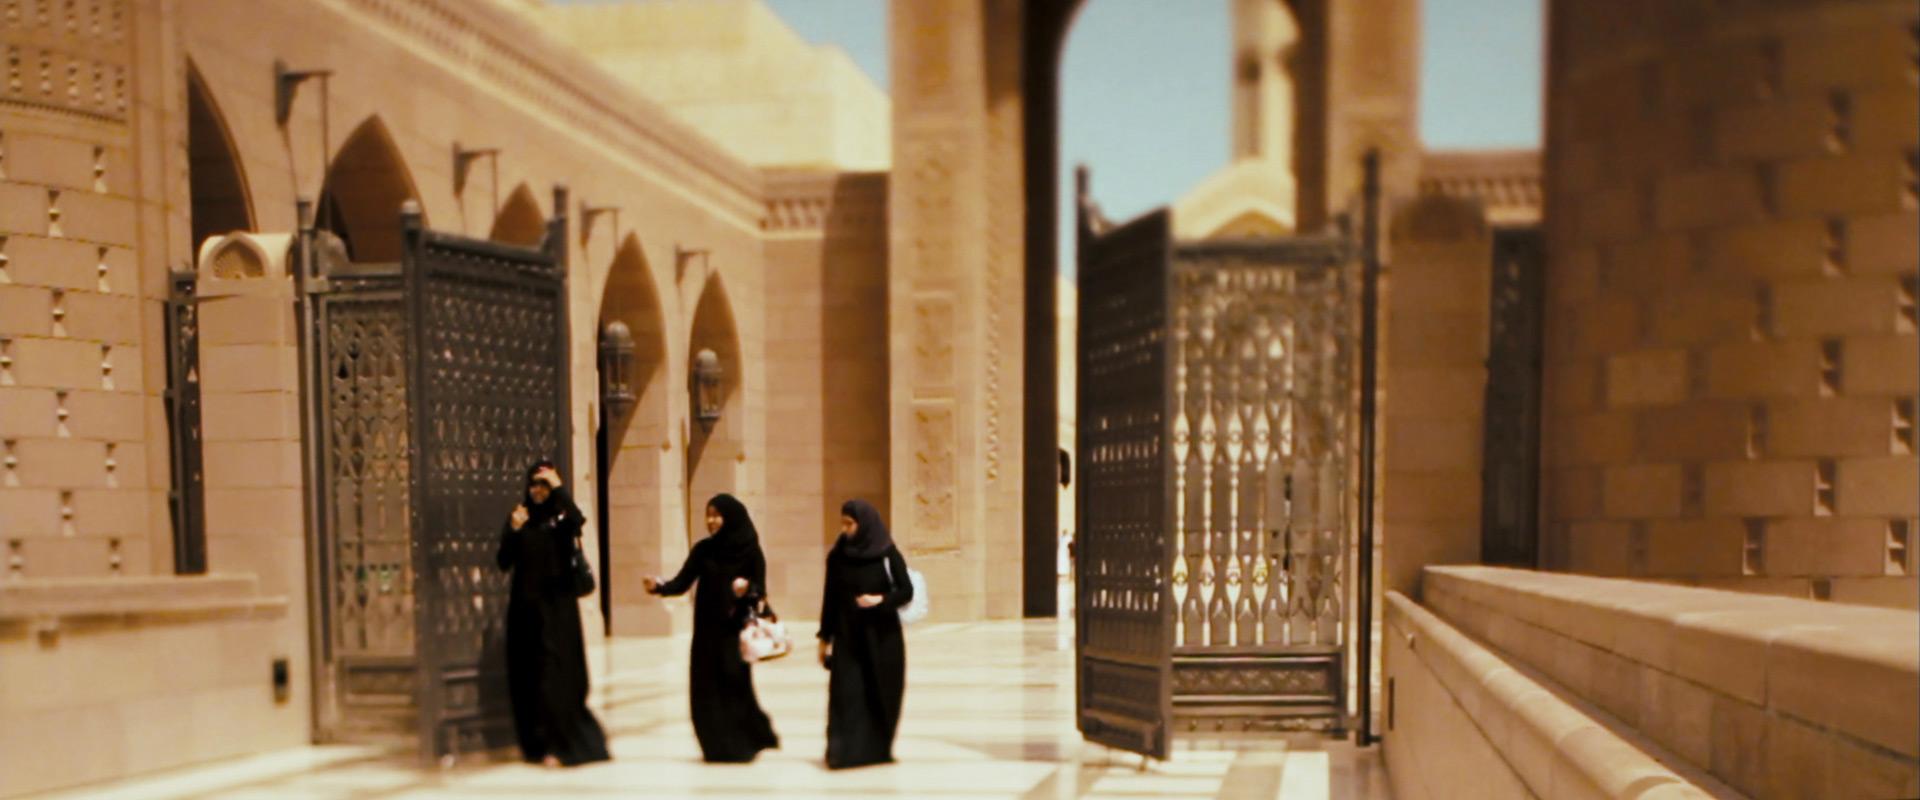 Sultan-Oman1